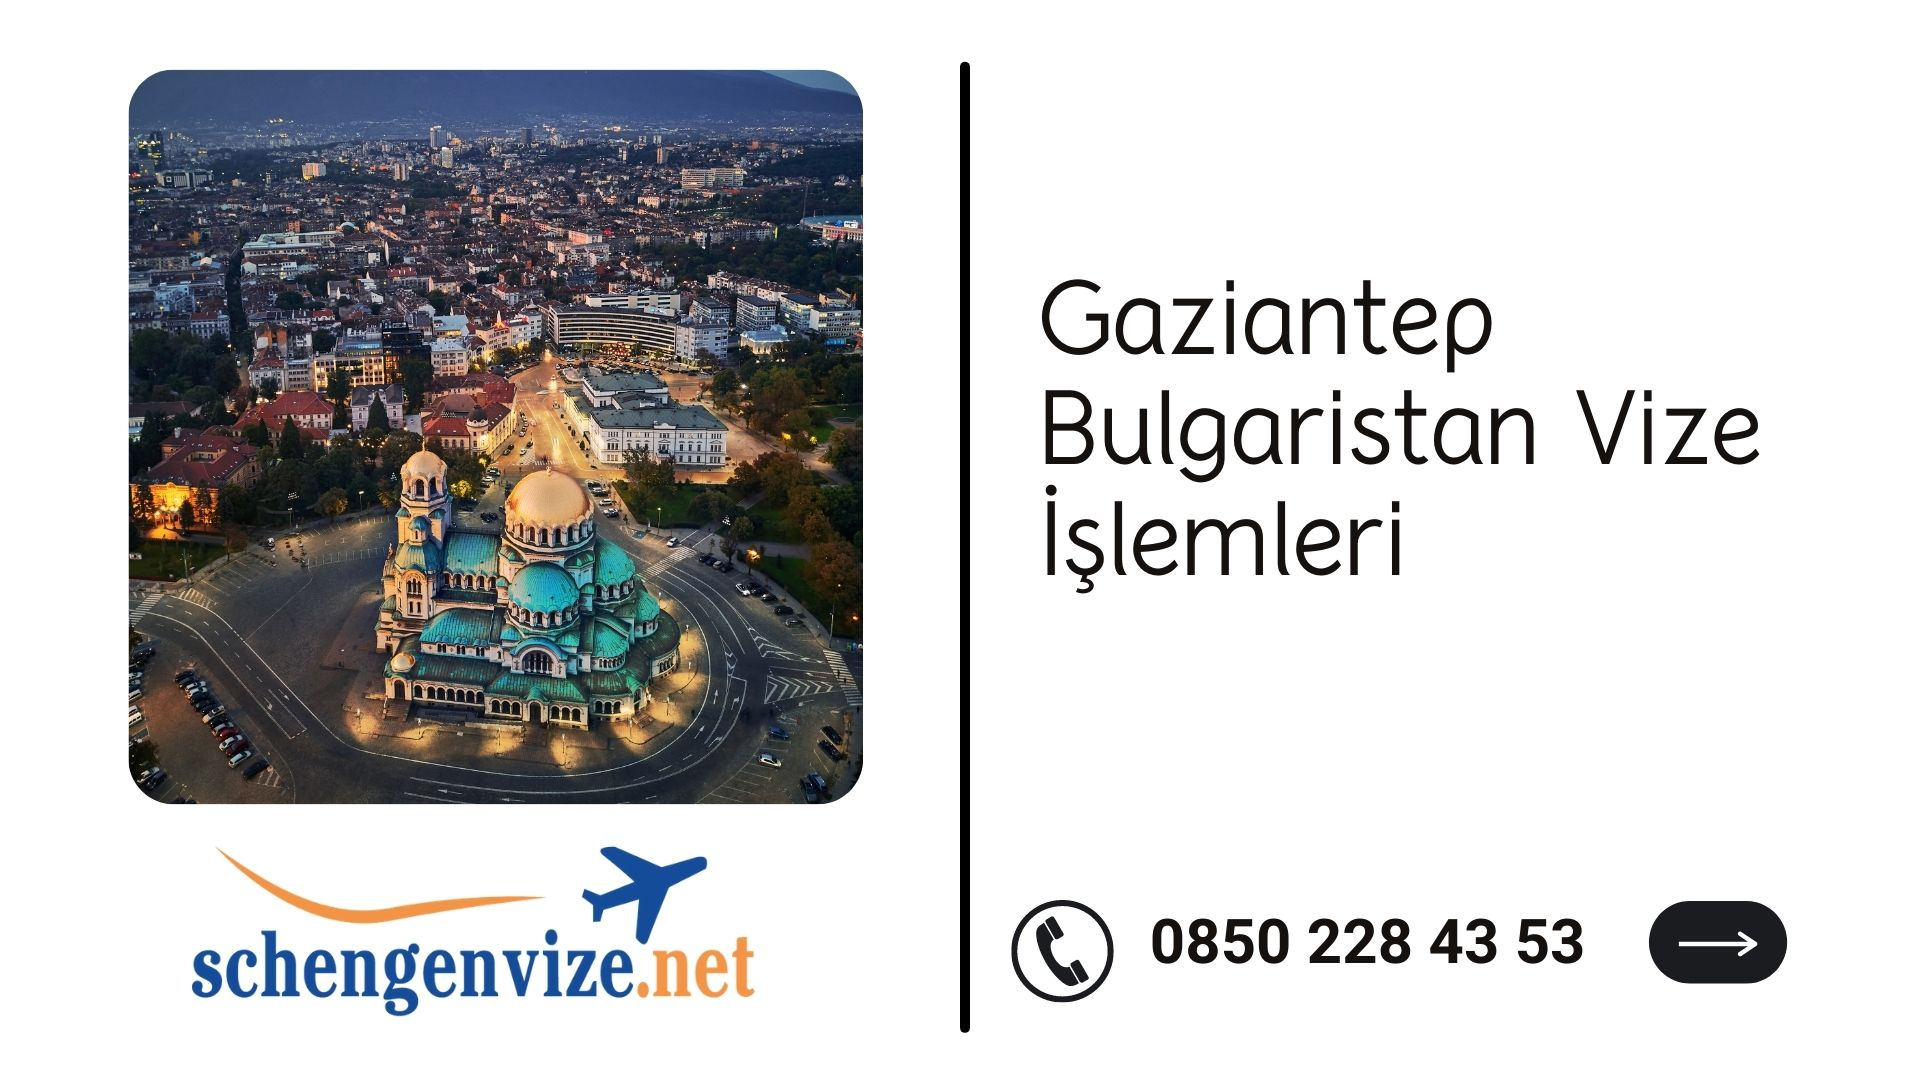 Gaziantep Bulgaristan Vize İşlemleri